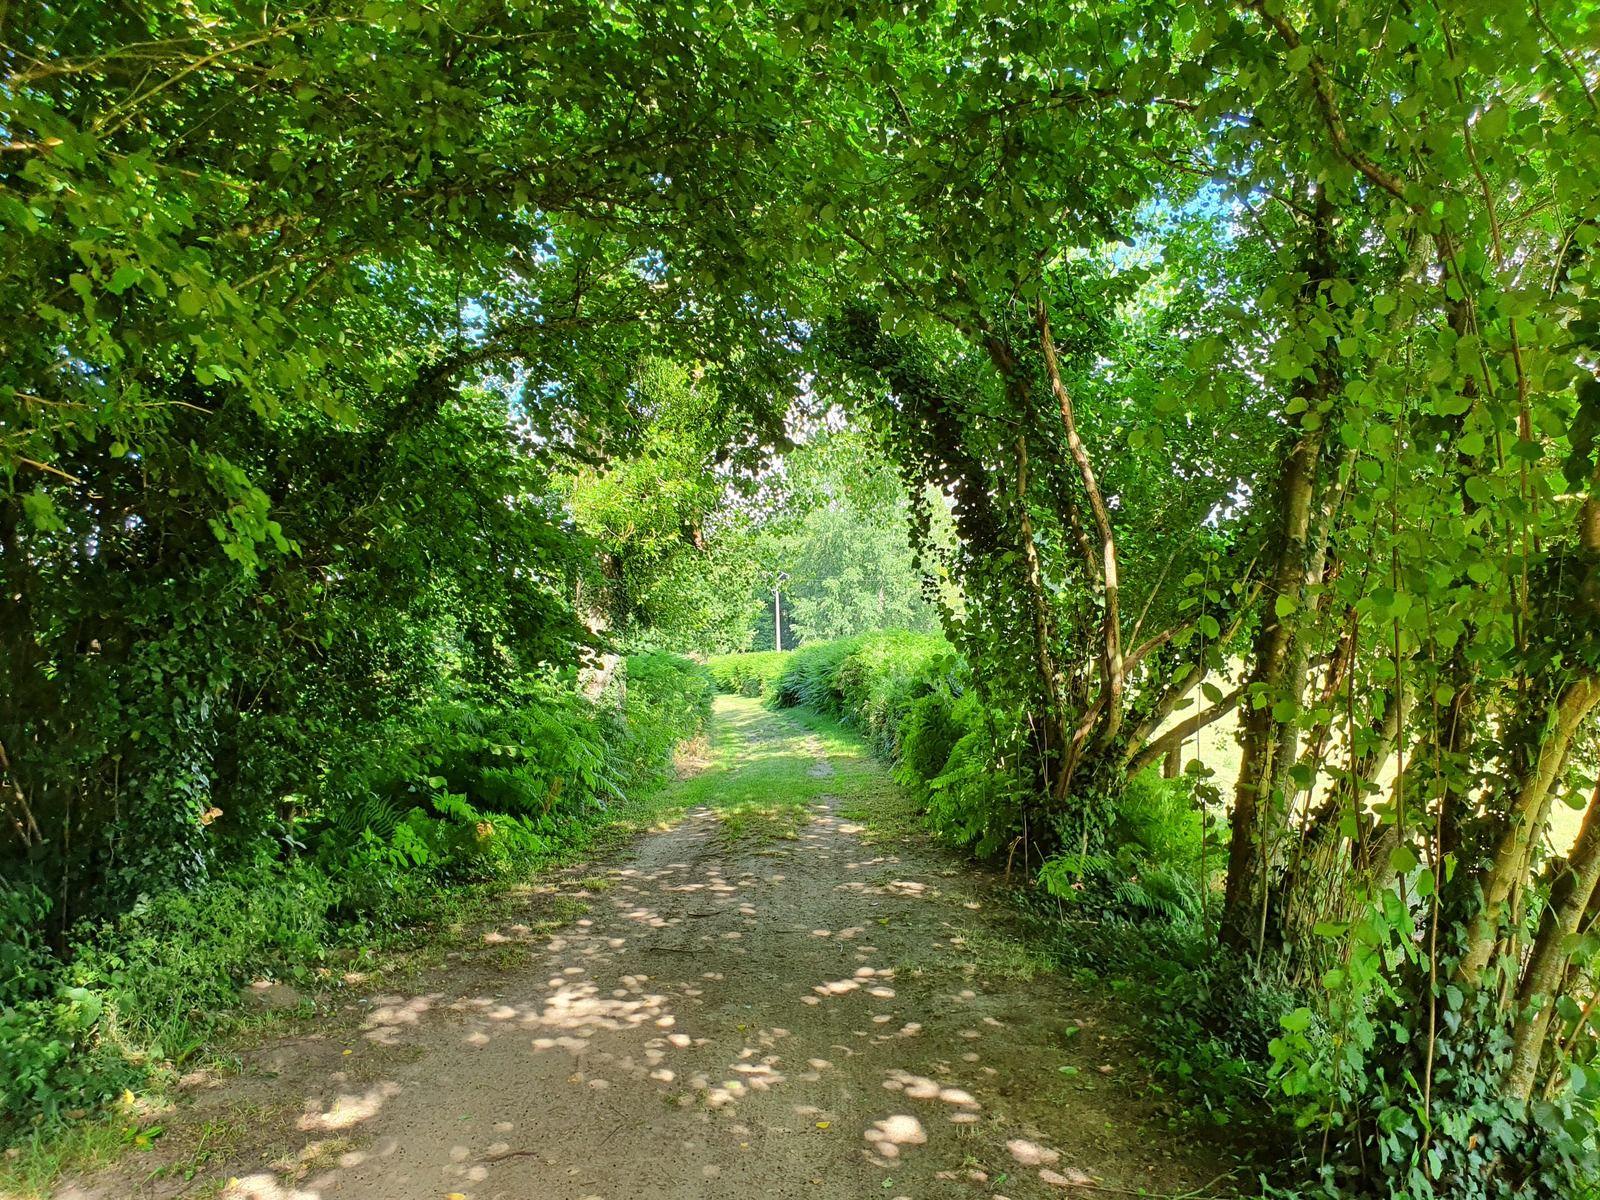 10 juillet 2020 - La Via Francigena de La Fère à Laon